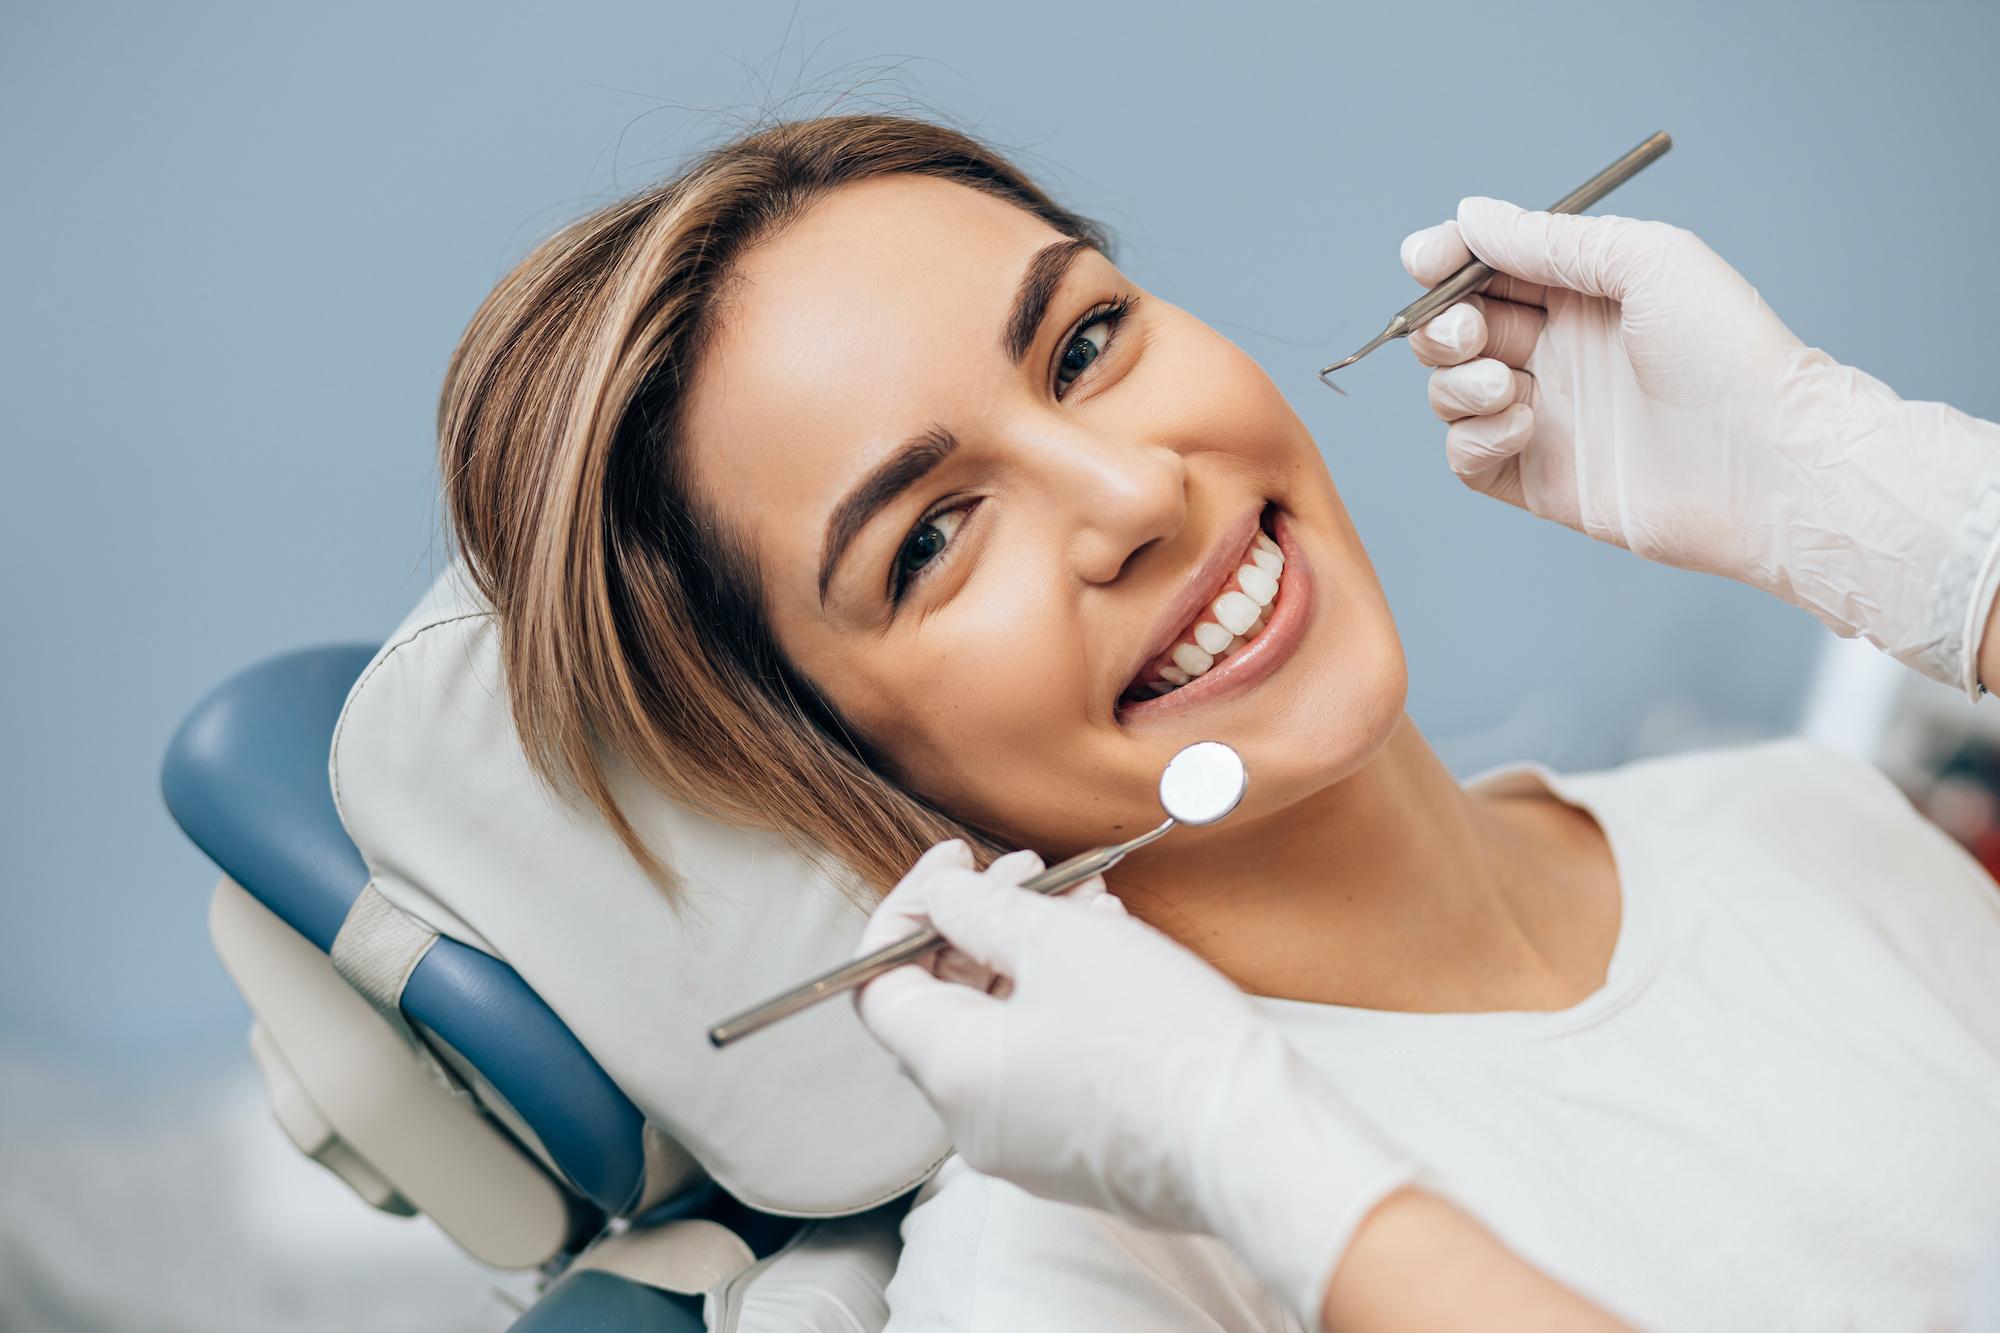 dentist bonding resin on tooth